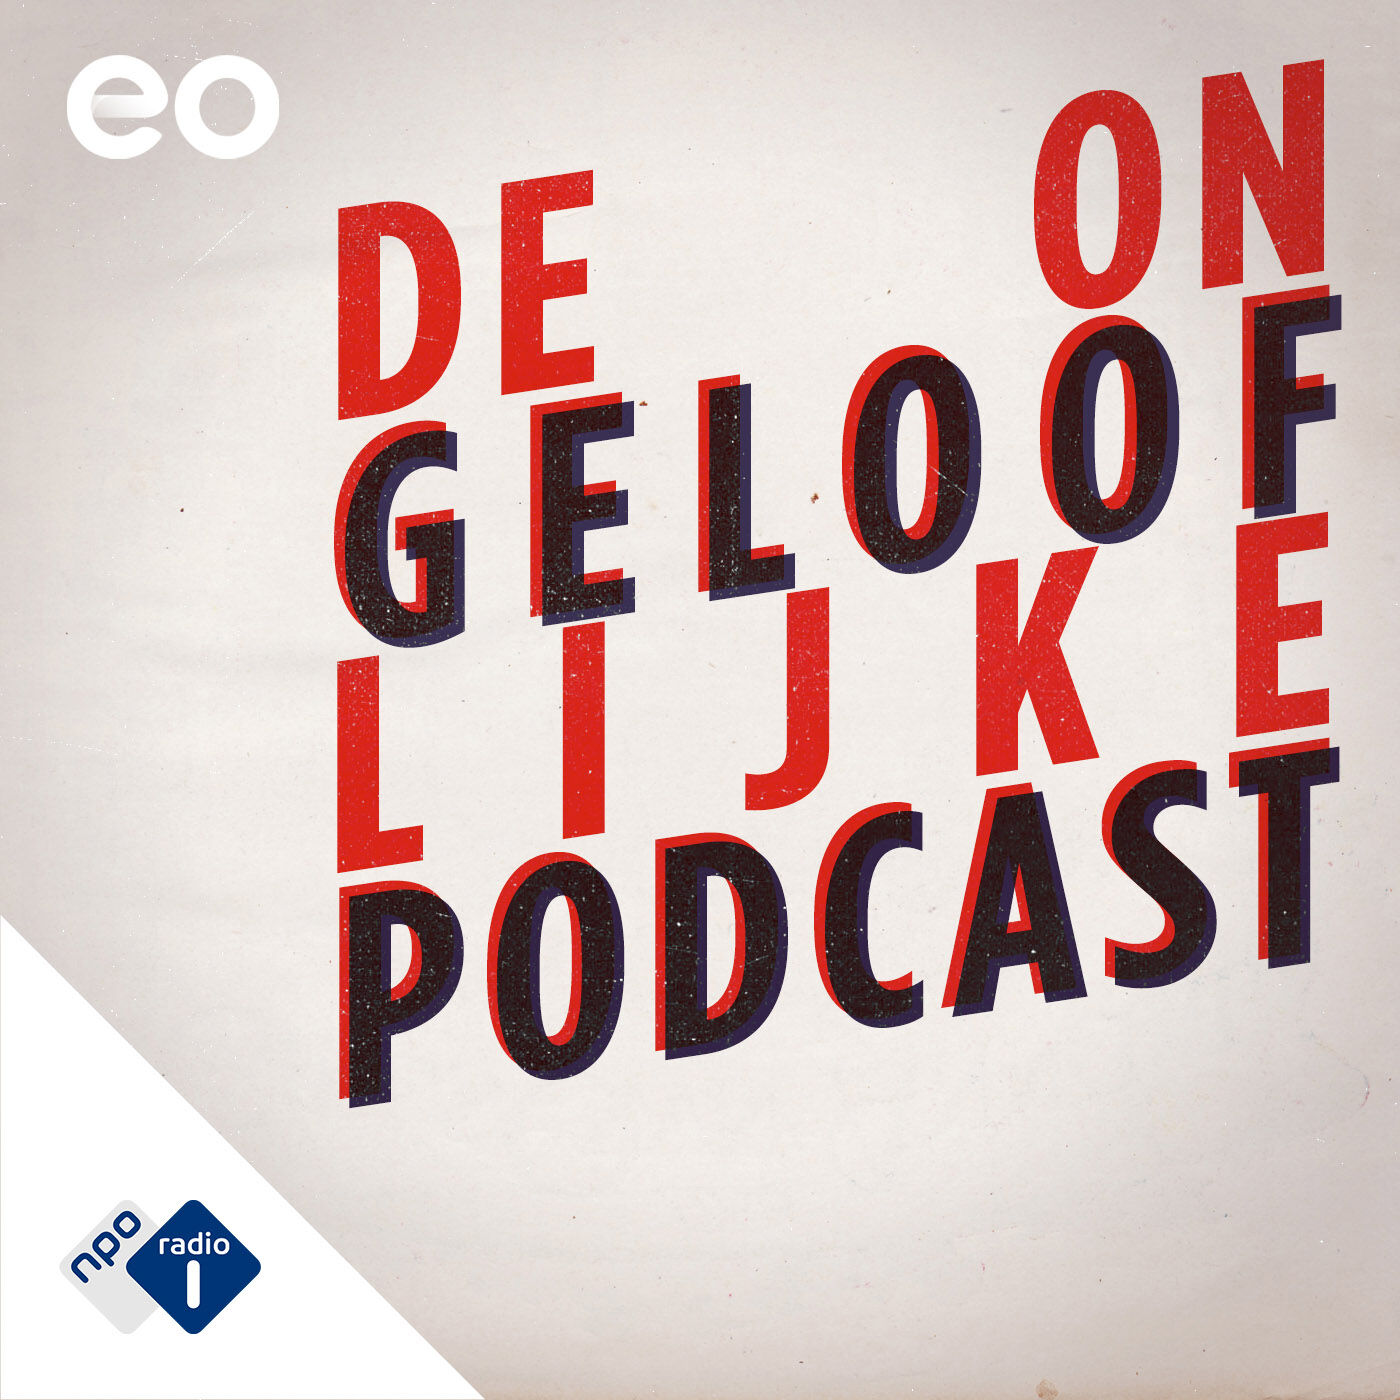 De Ongelooflijke Podcast